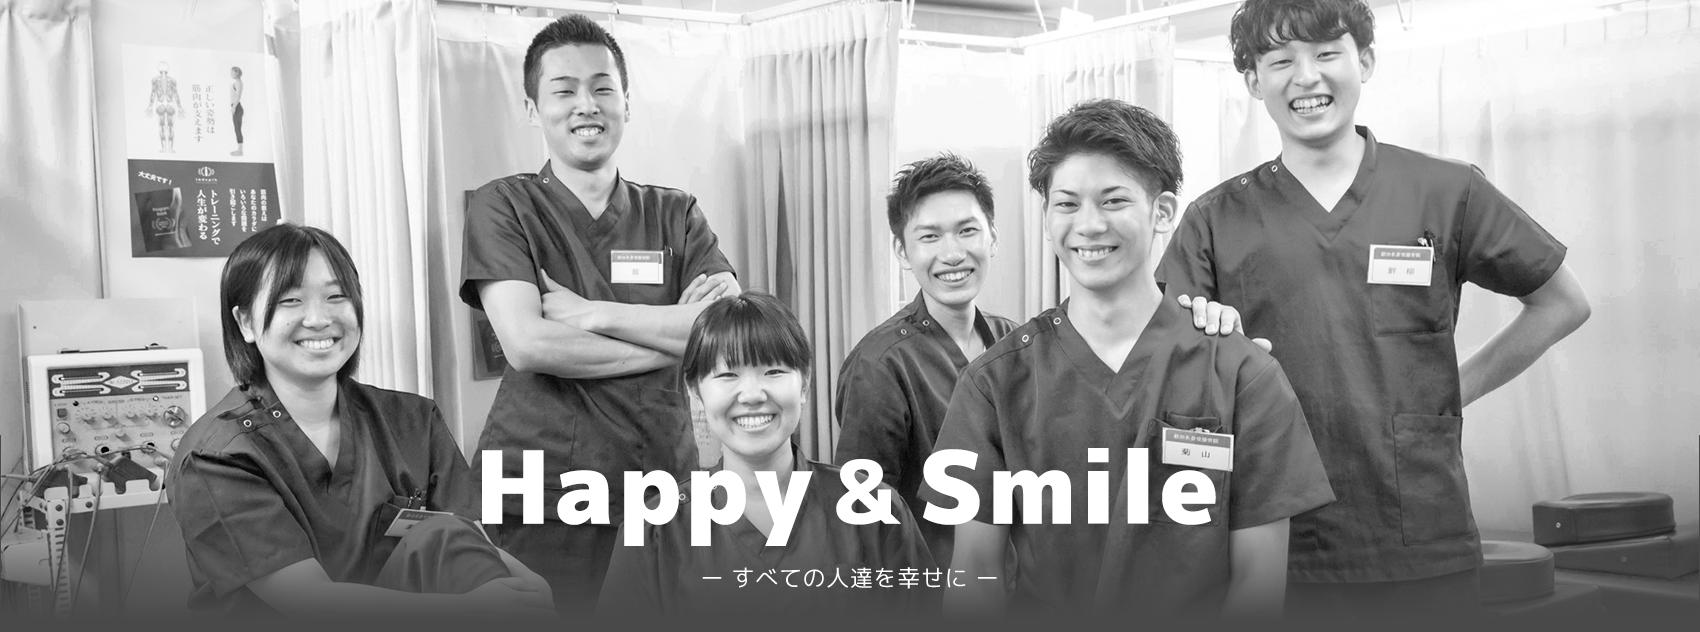 Happy & Smile ー すべての人達を幸せに ー